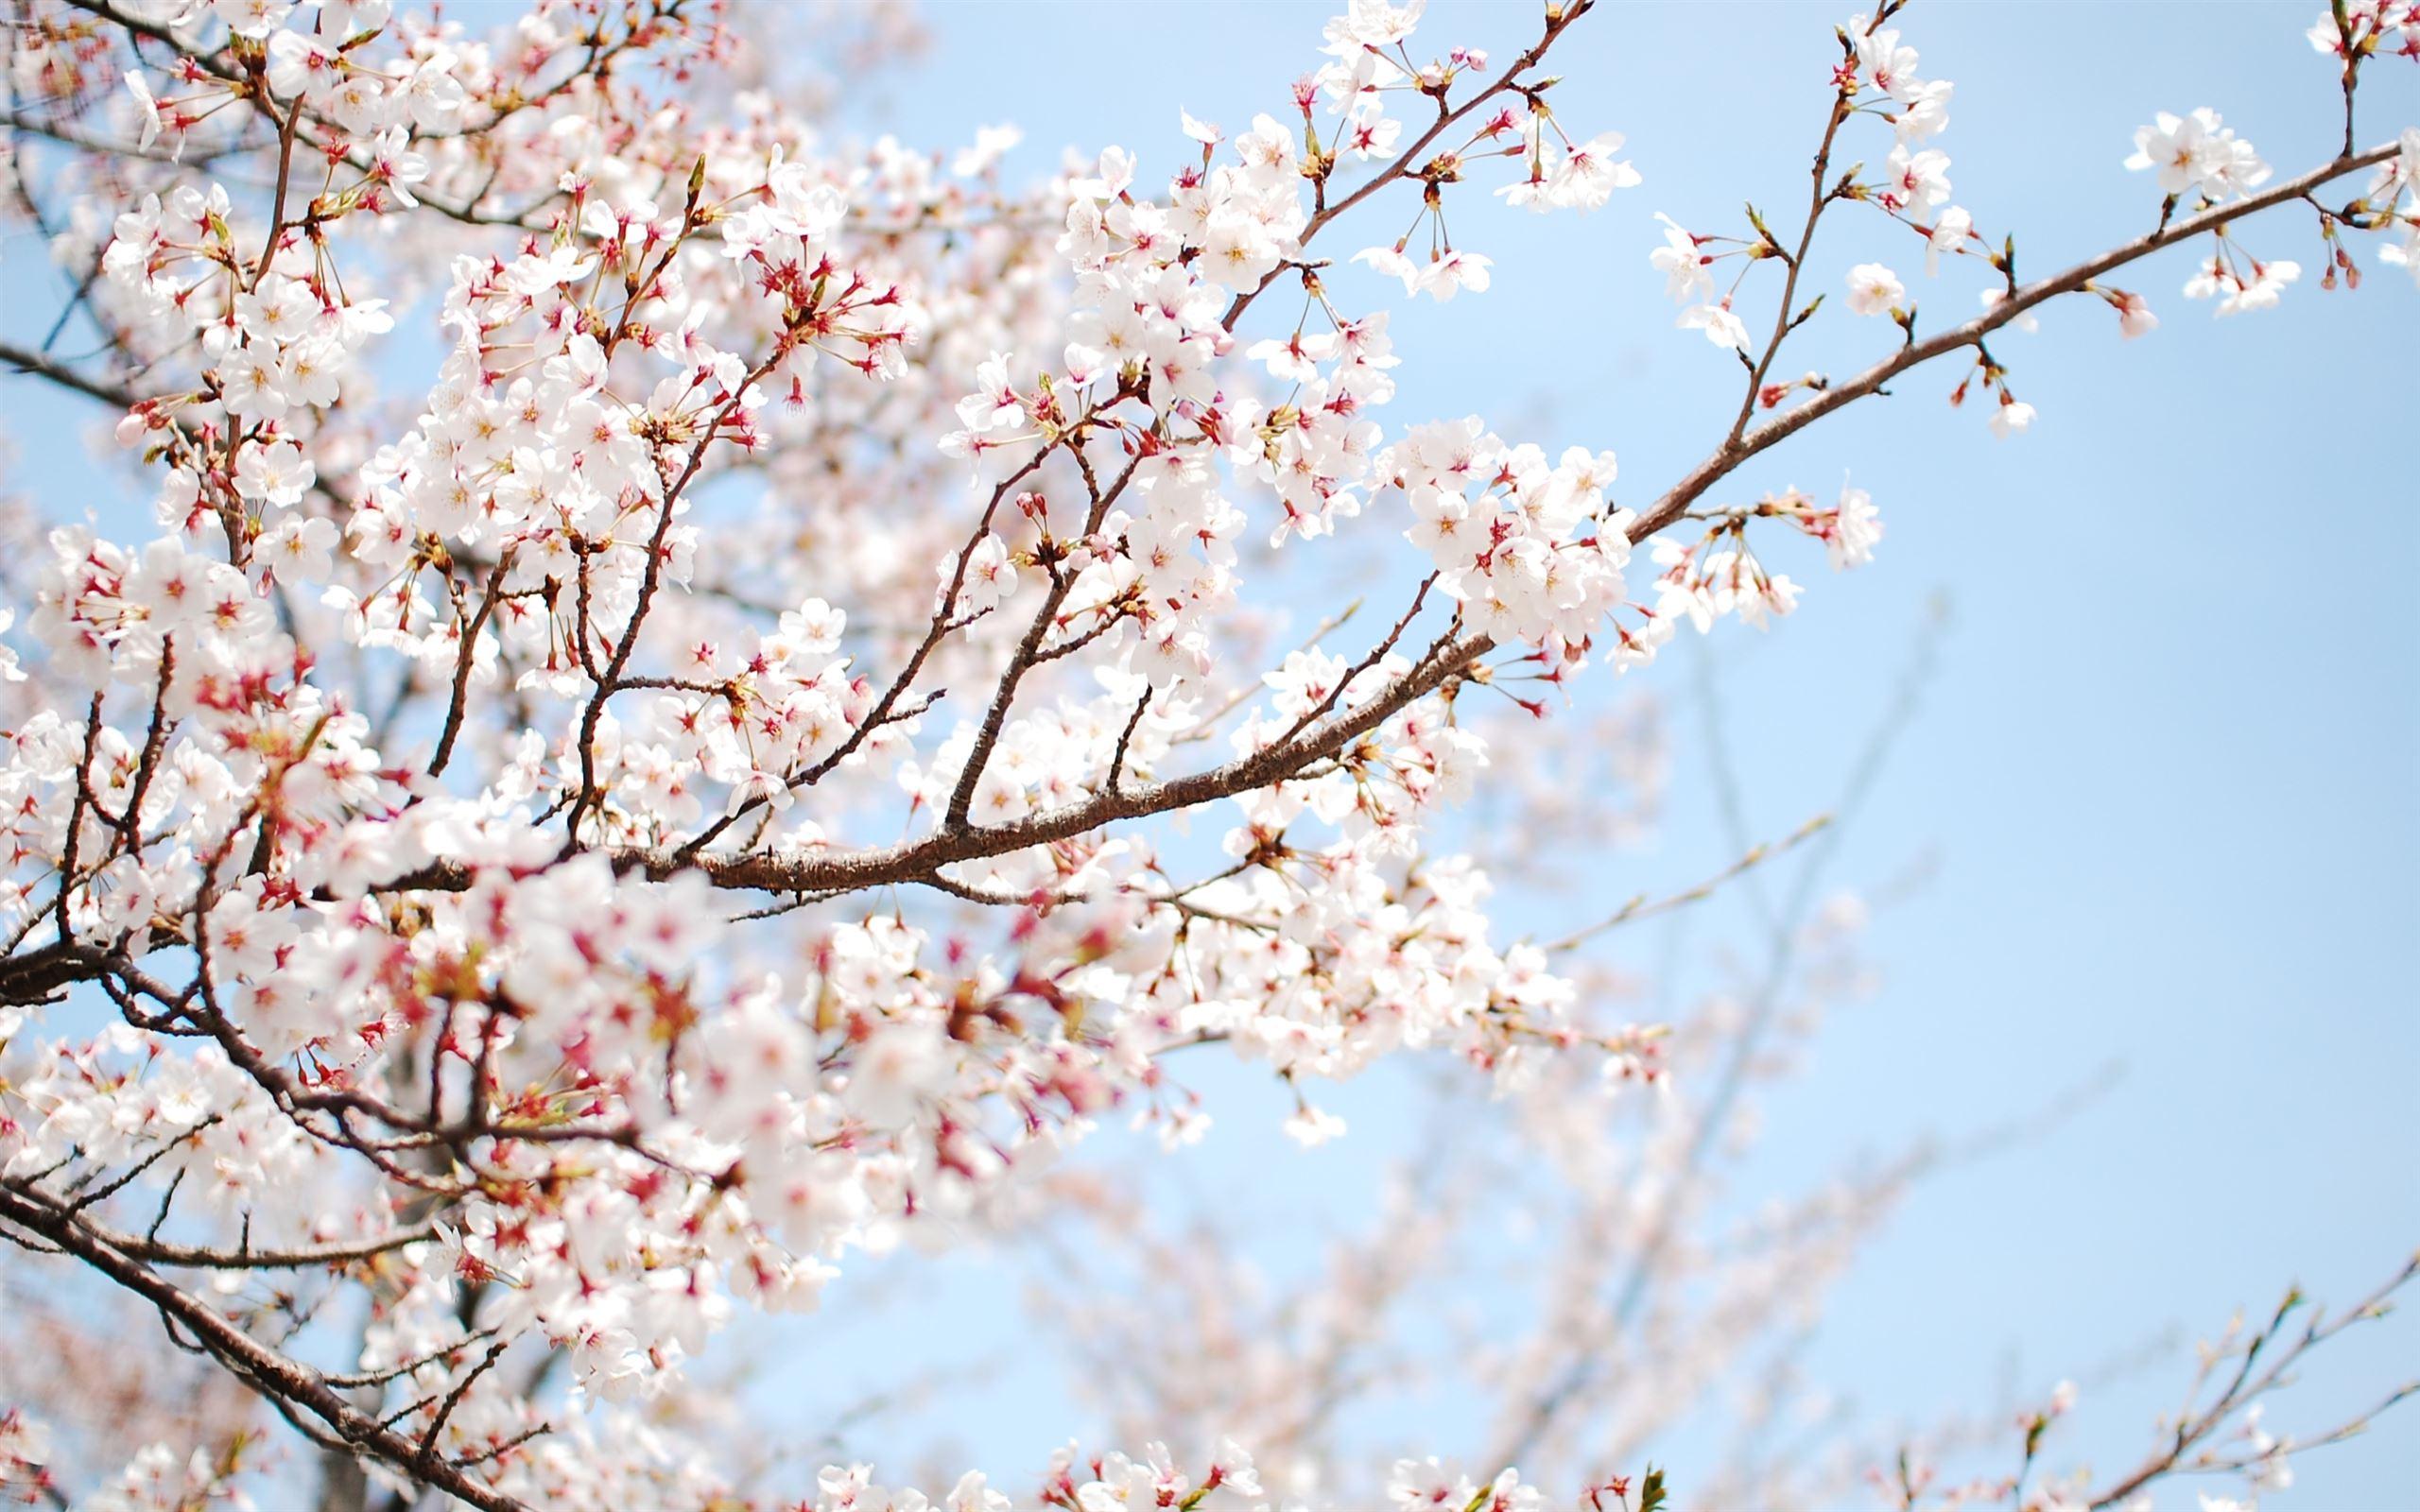 Cherry Blossom Mac Wallpaper Download Allmacwallpaper